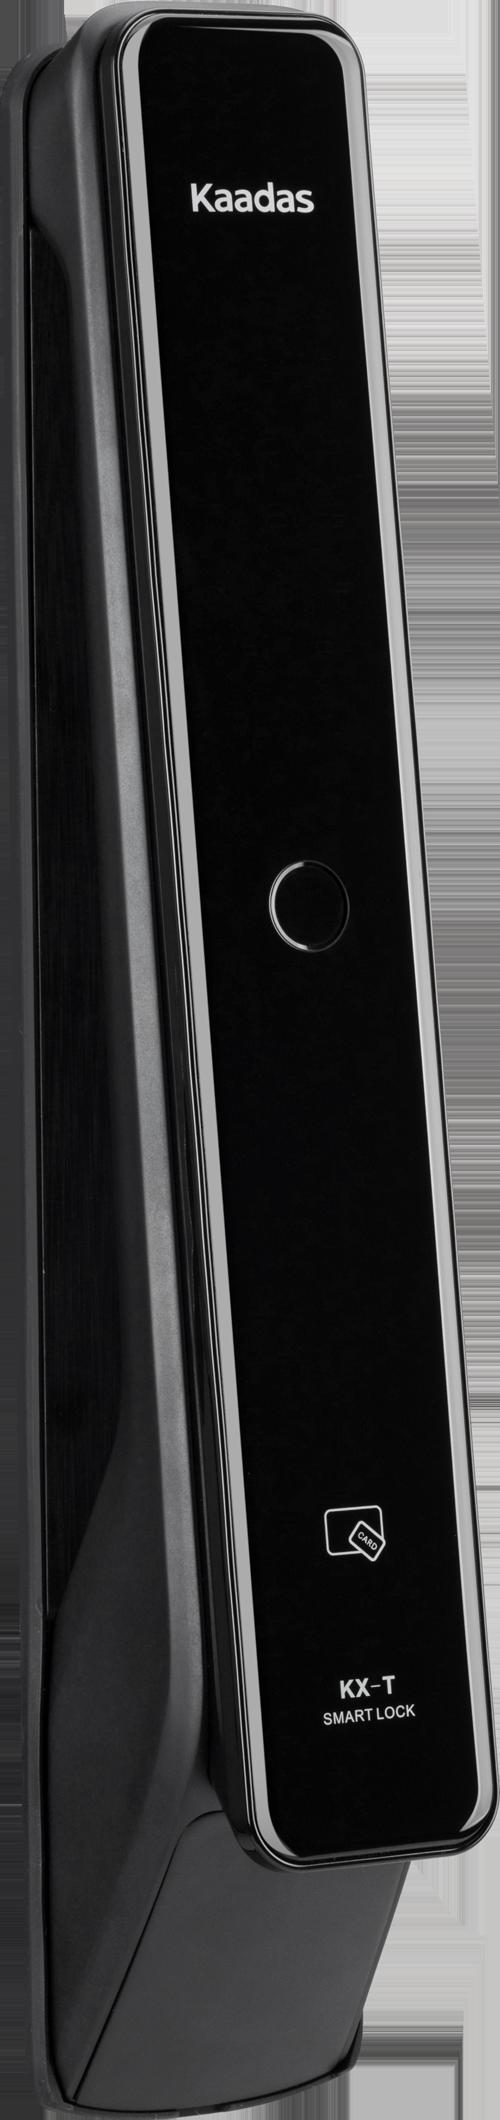 Kaadas KXT - замок электронный биометрический на входную дверь. Вид сбоку.